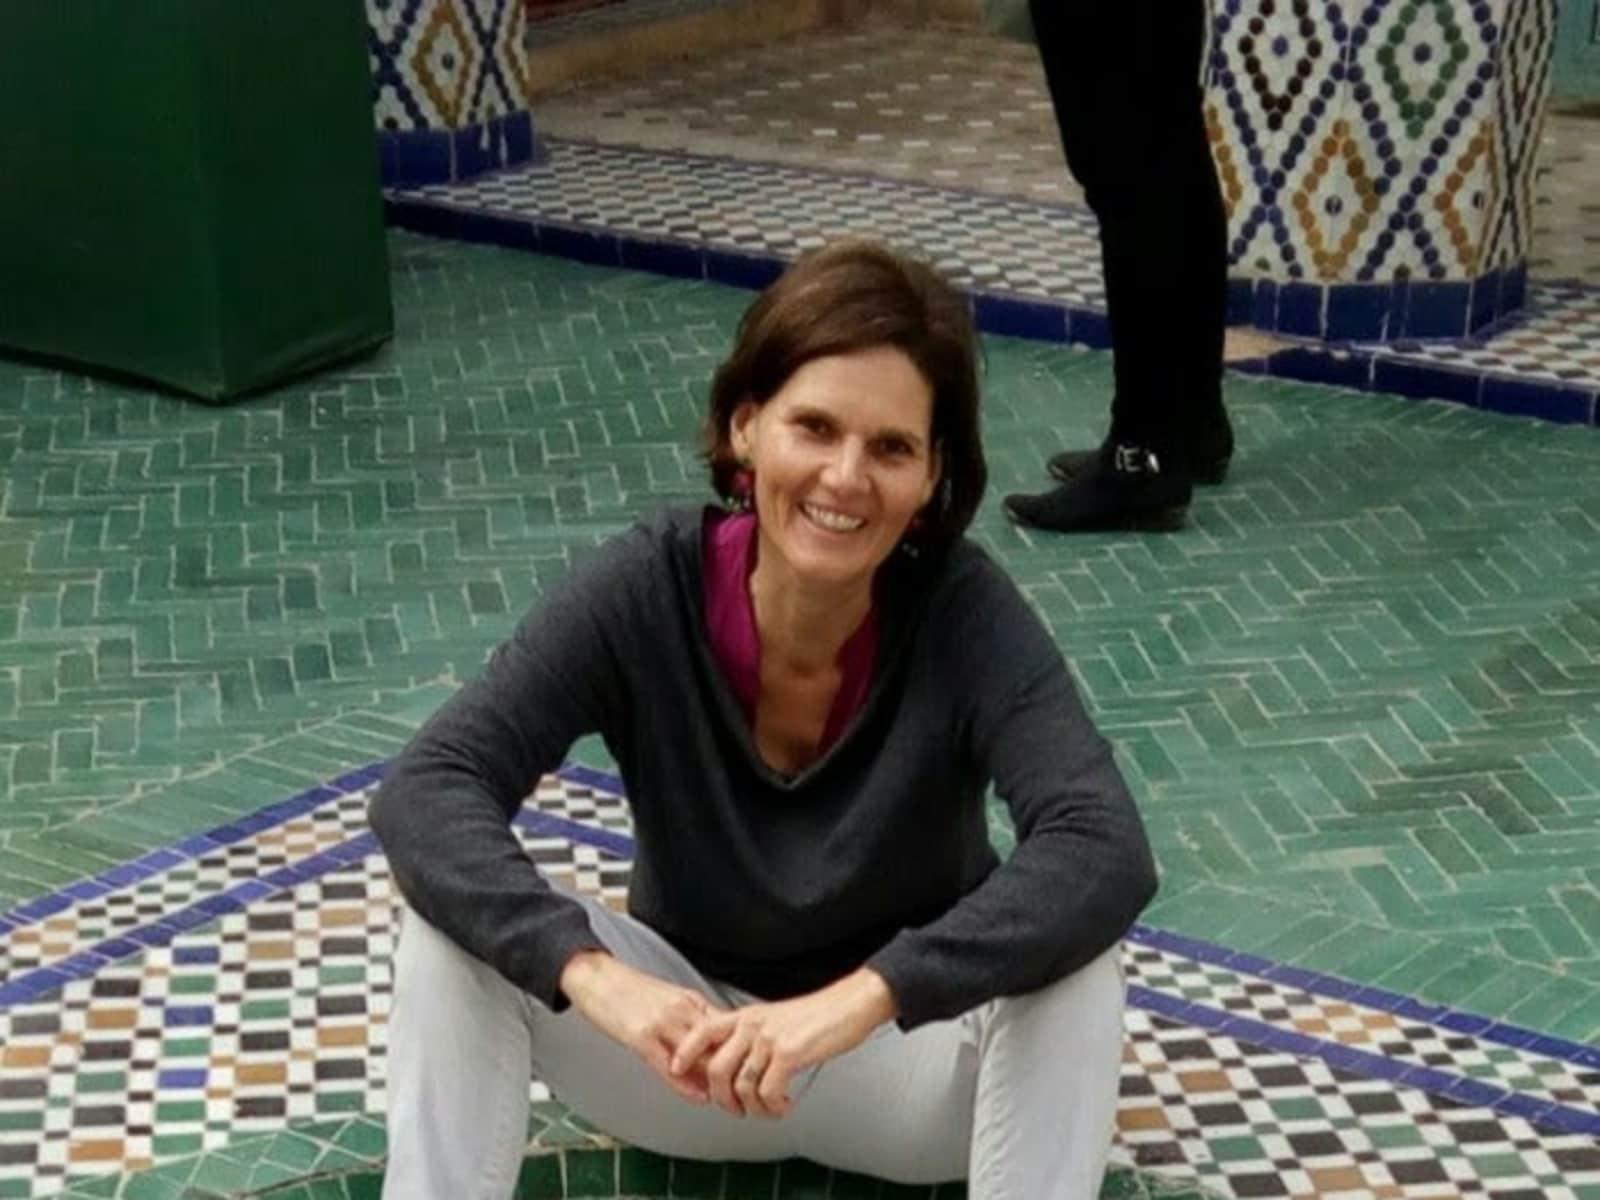 Iris from Palma, Spain